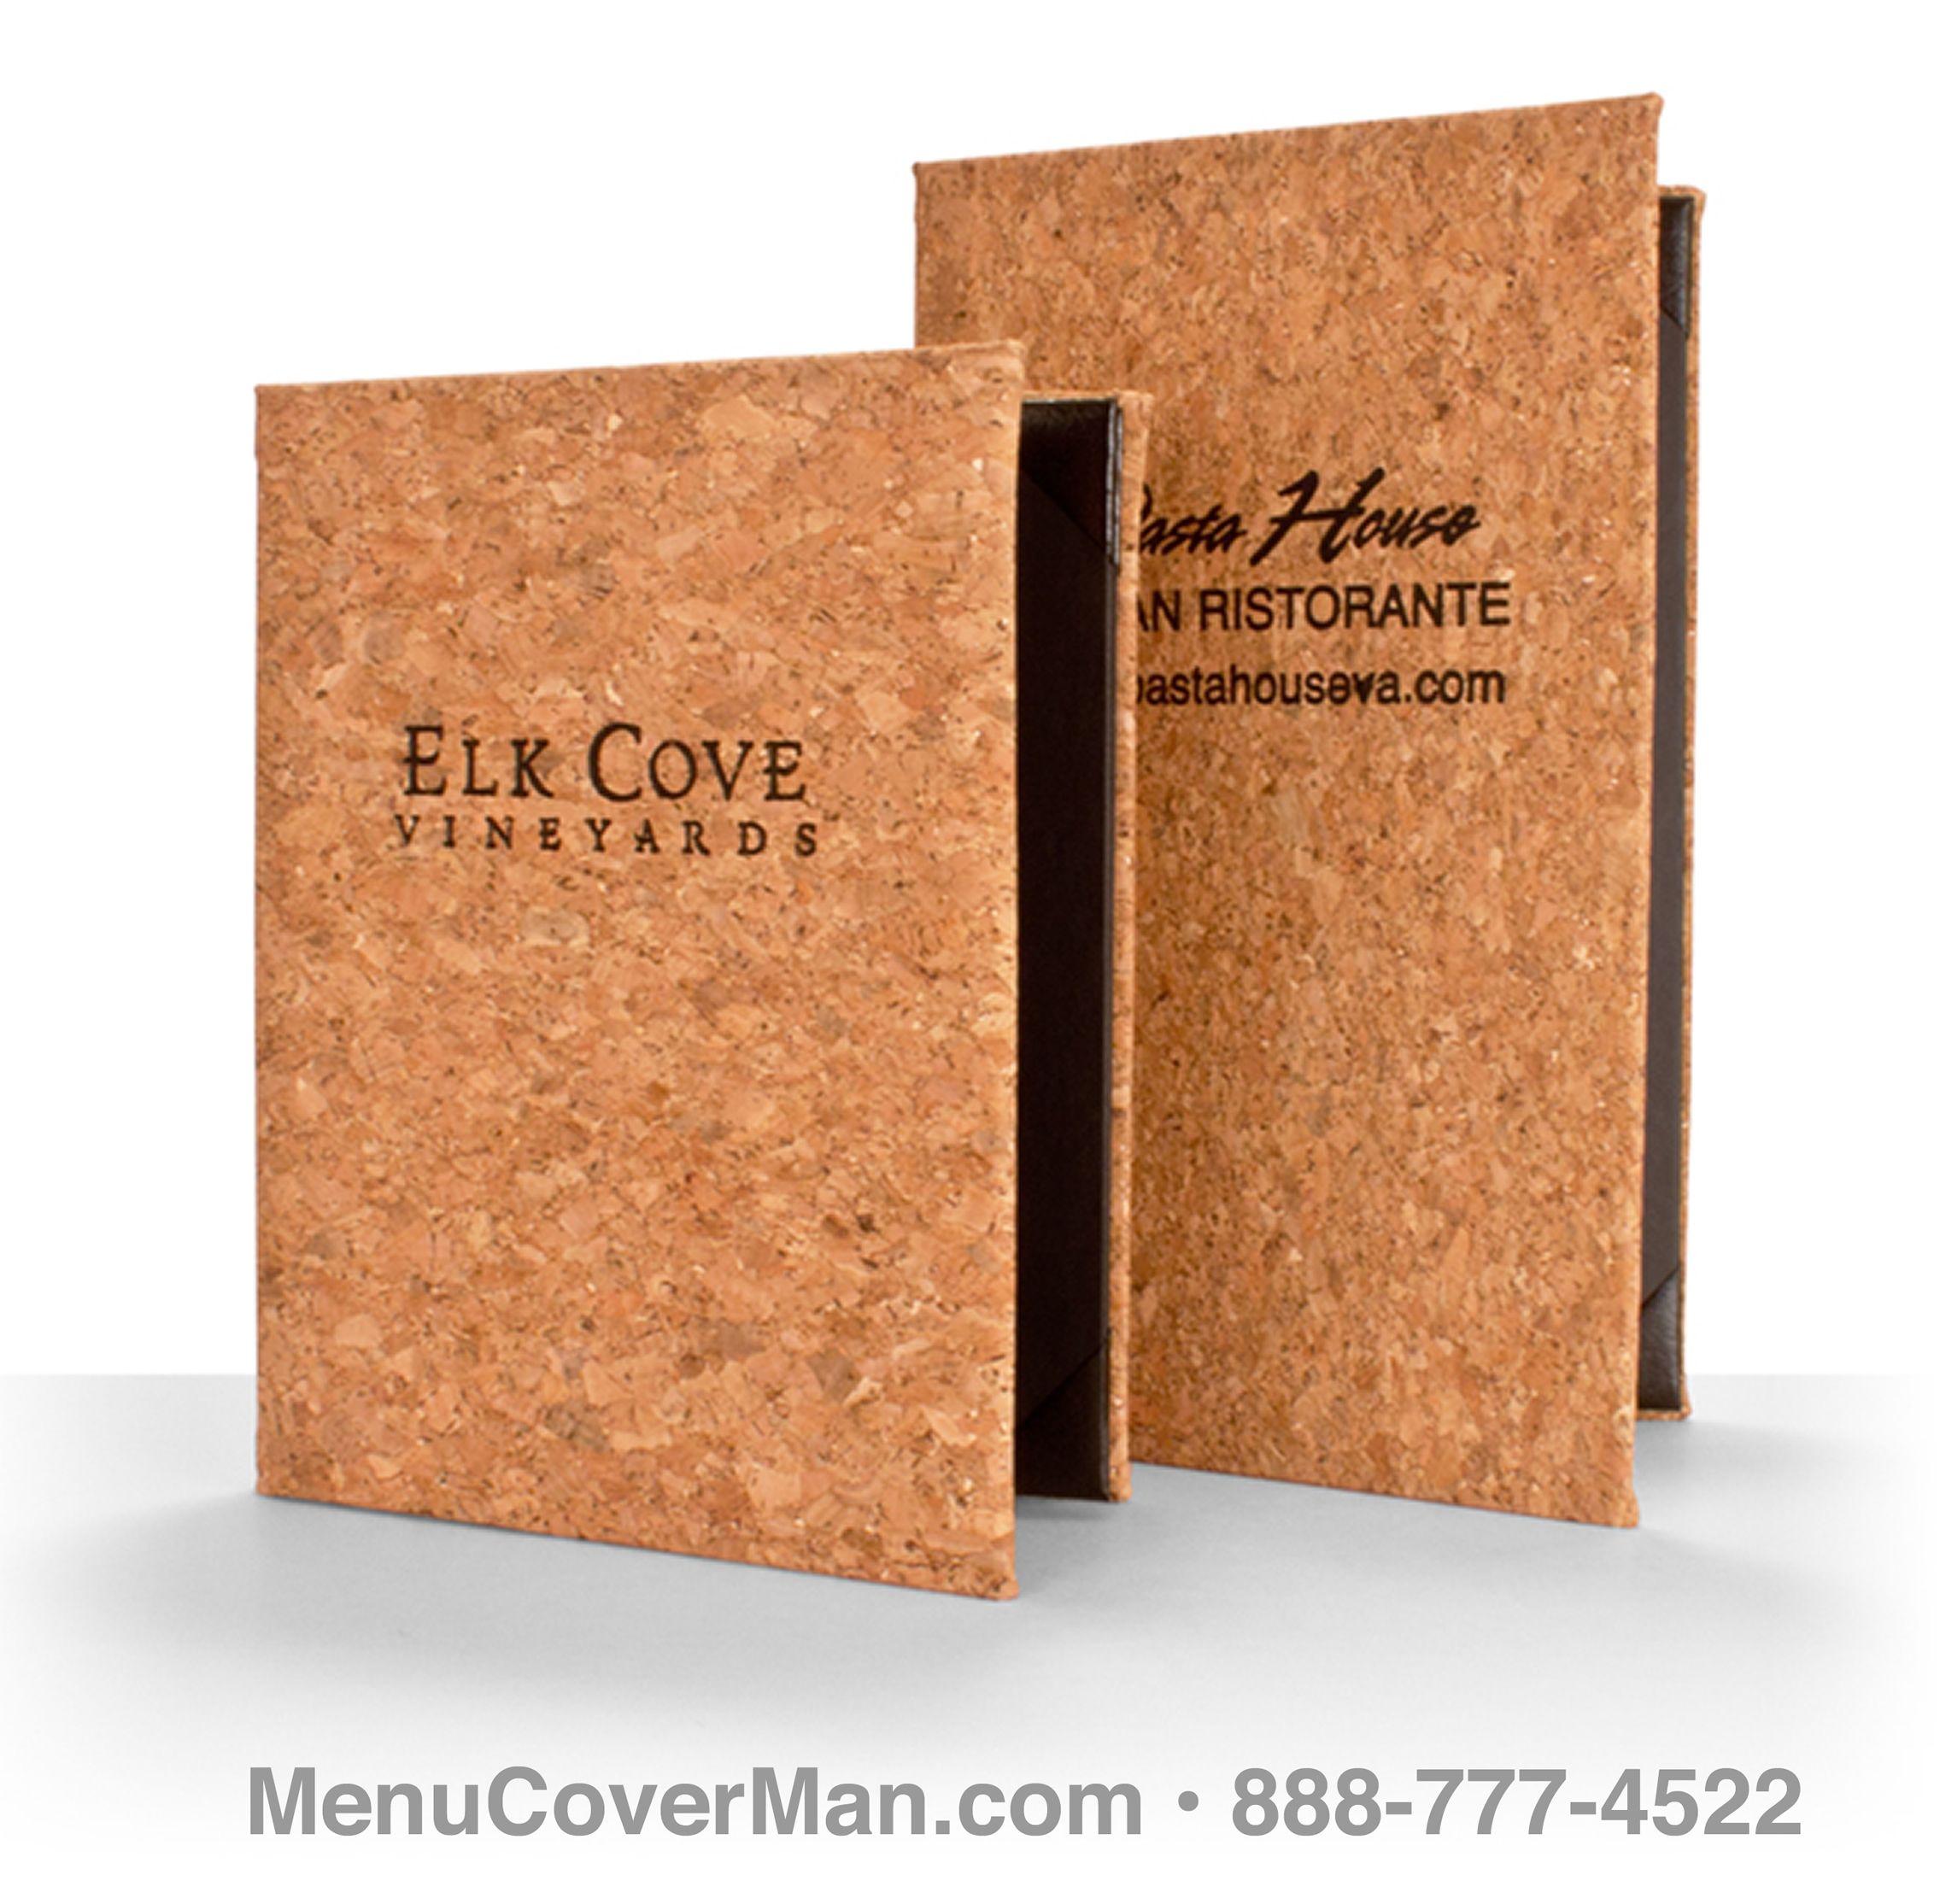 Genuine Mediterranean Cork Restaurant Menu Covers Menu Cover Restaurant Menu Covers Menu Restaurant